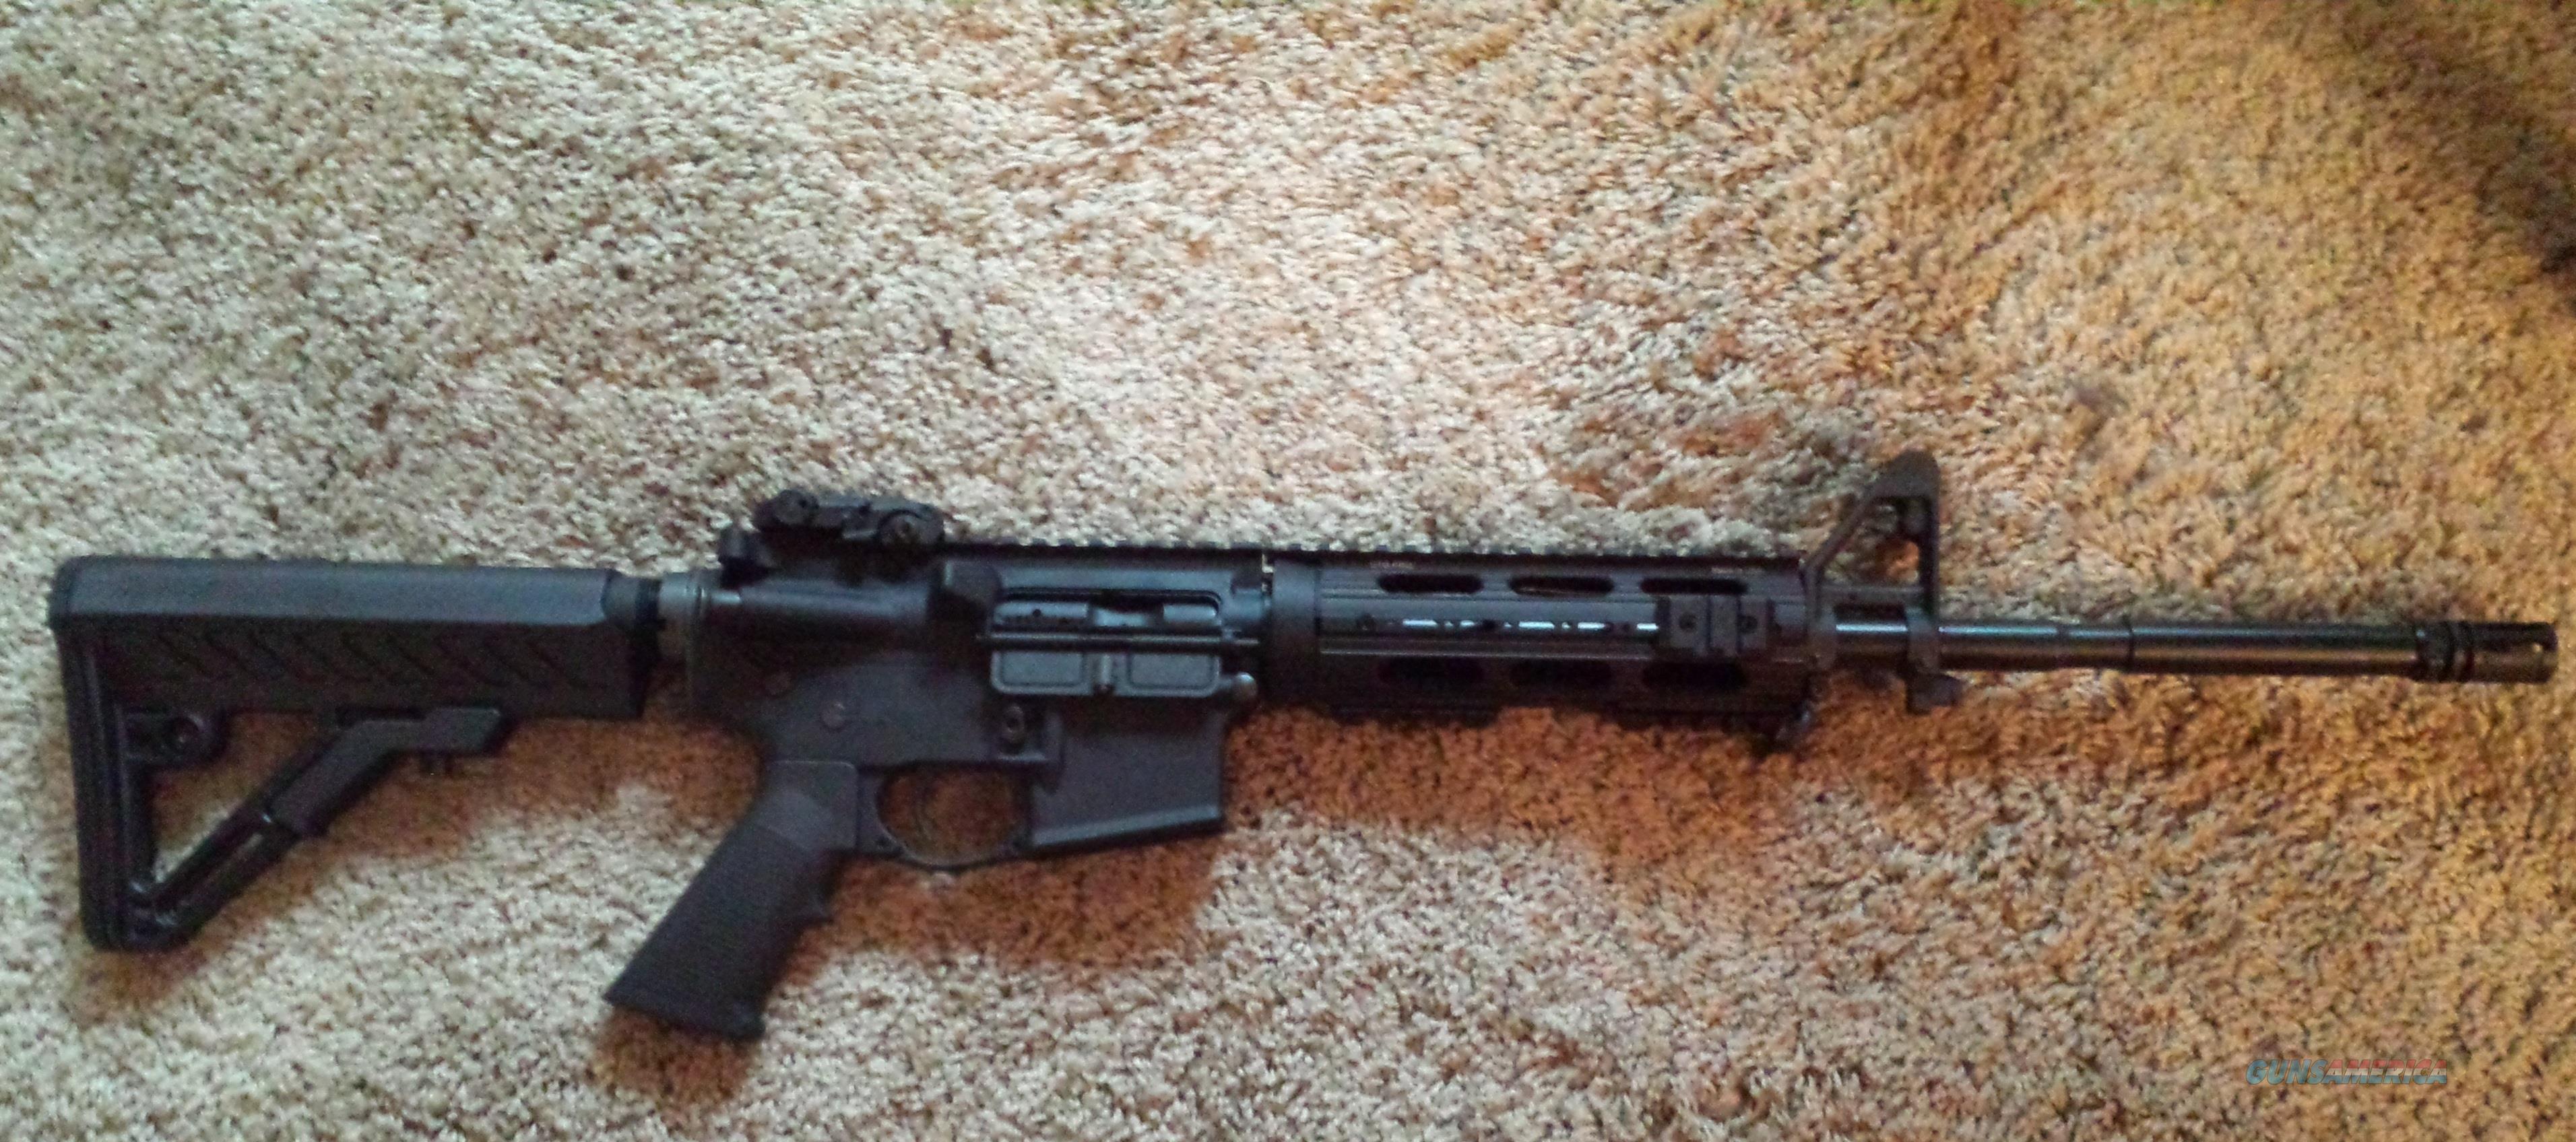 custom built ar15 rifle all usa components 5 56 for sale